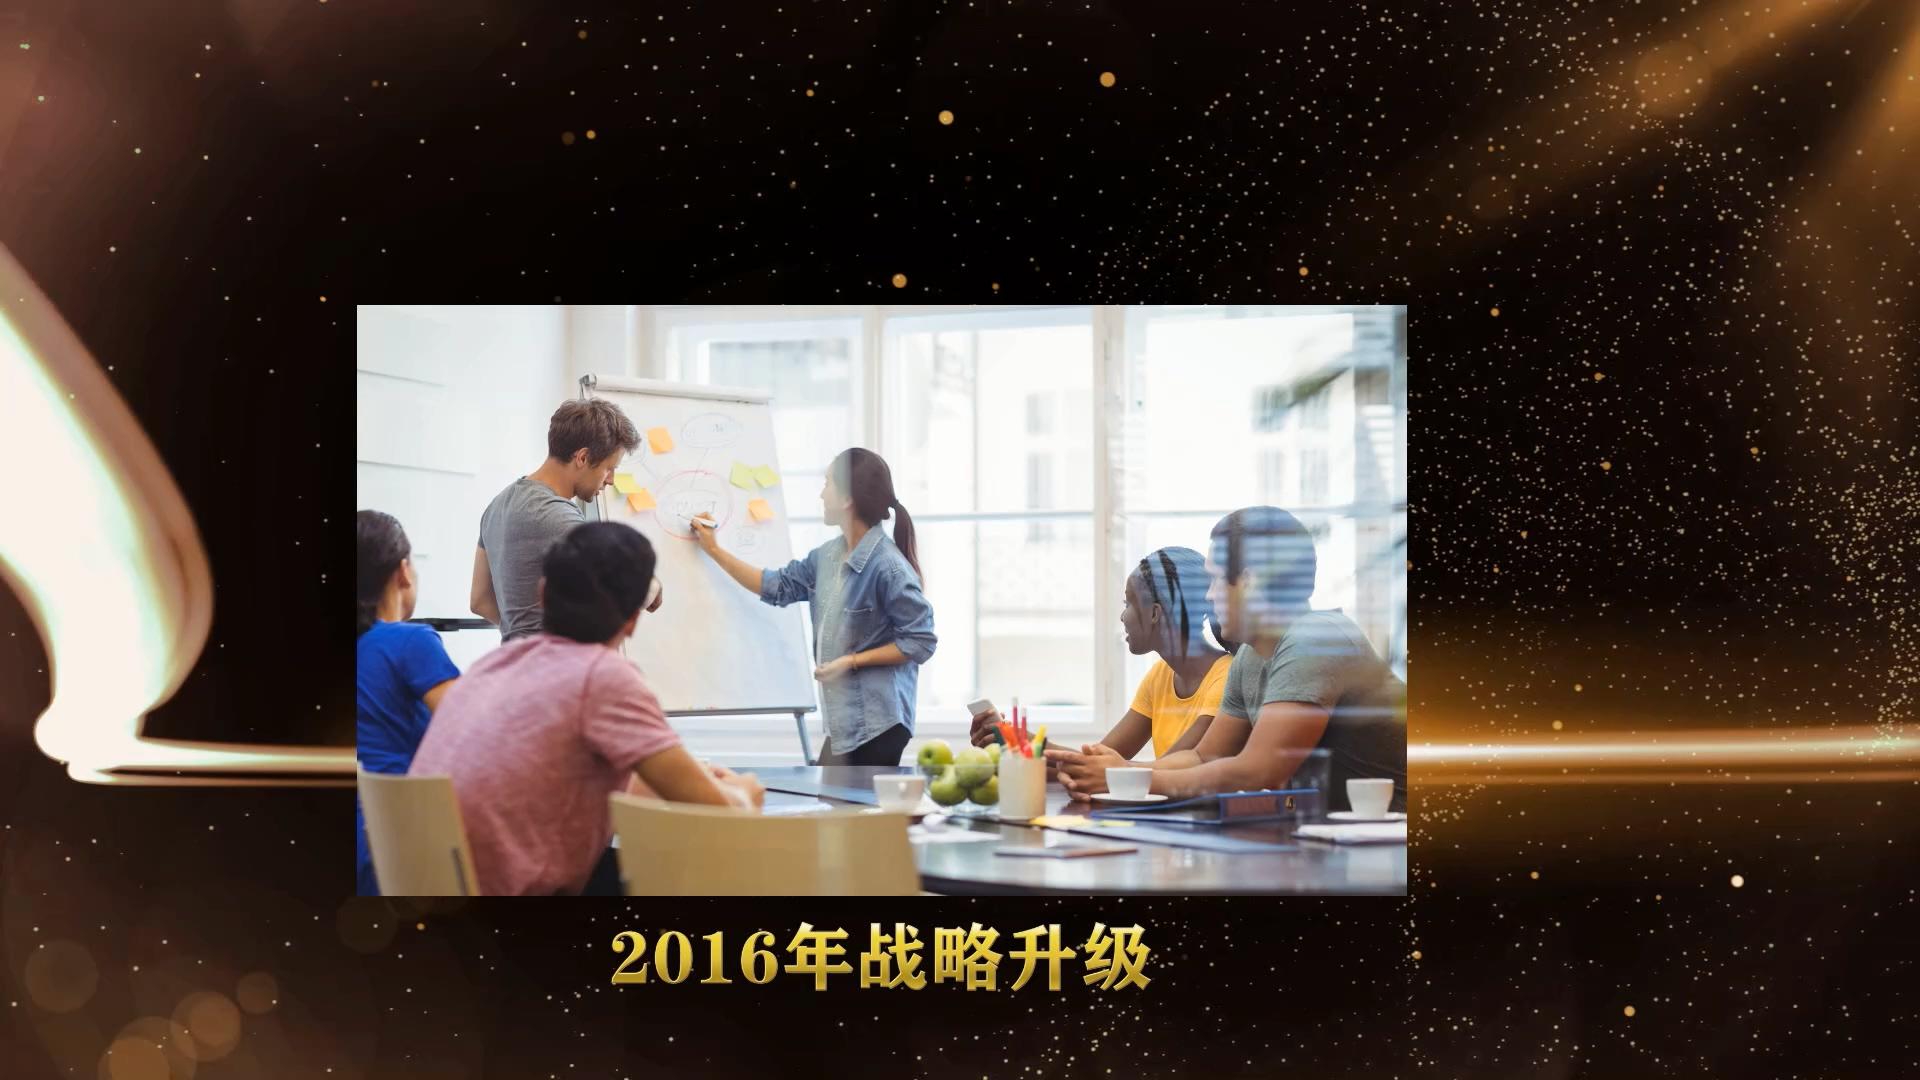 公司发展记录时间轴大气震撼年会视频模板